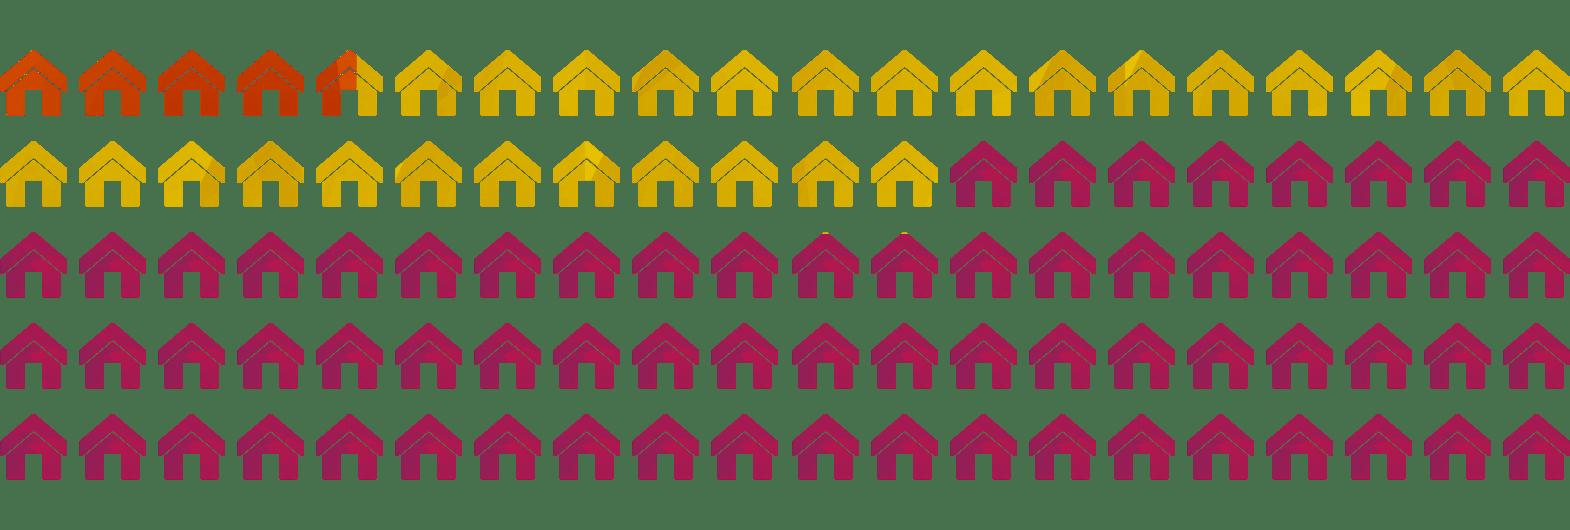 jan modaal huizenmarkt